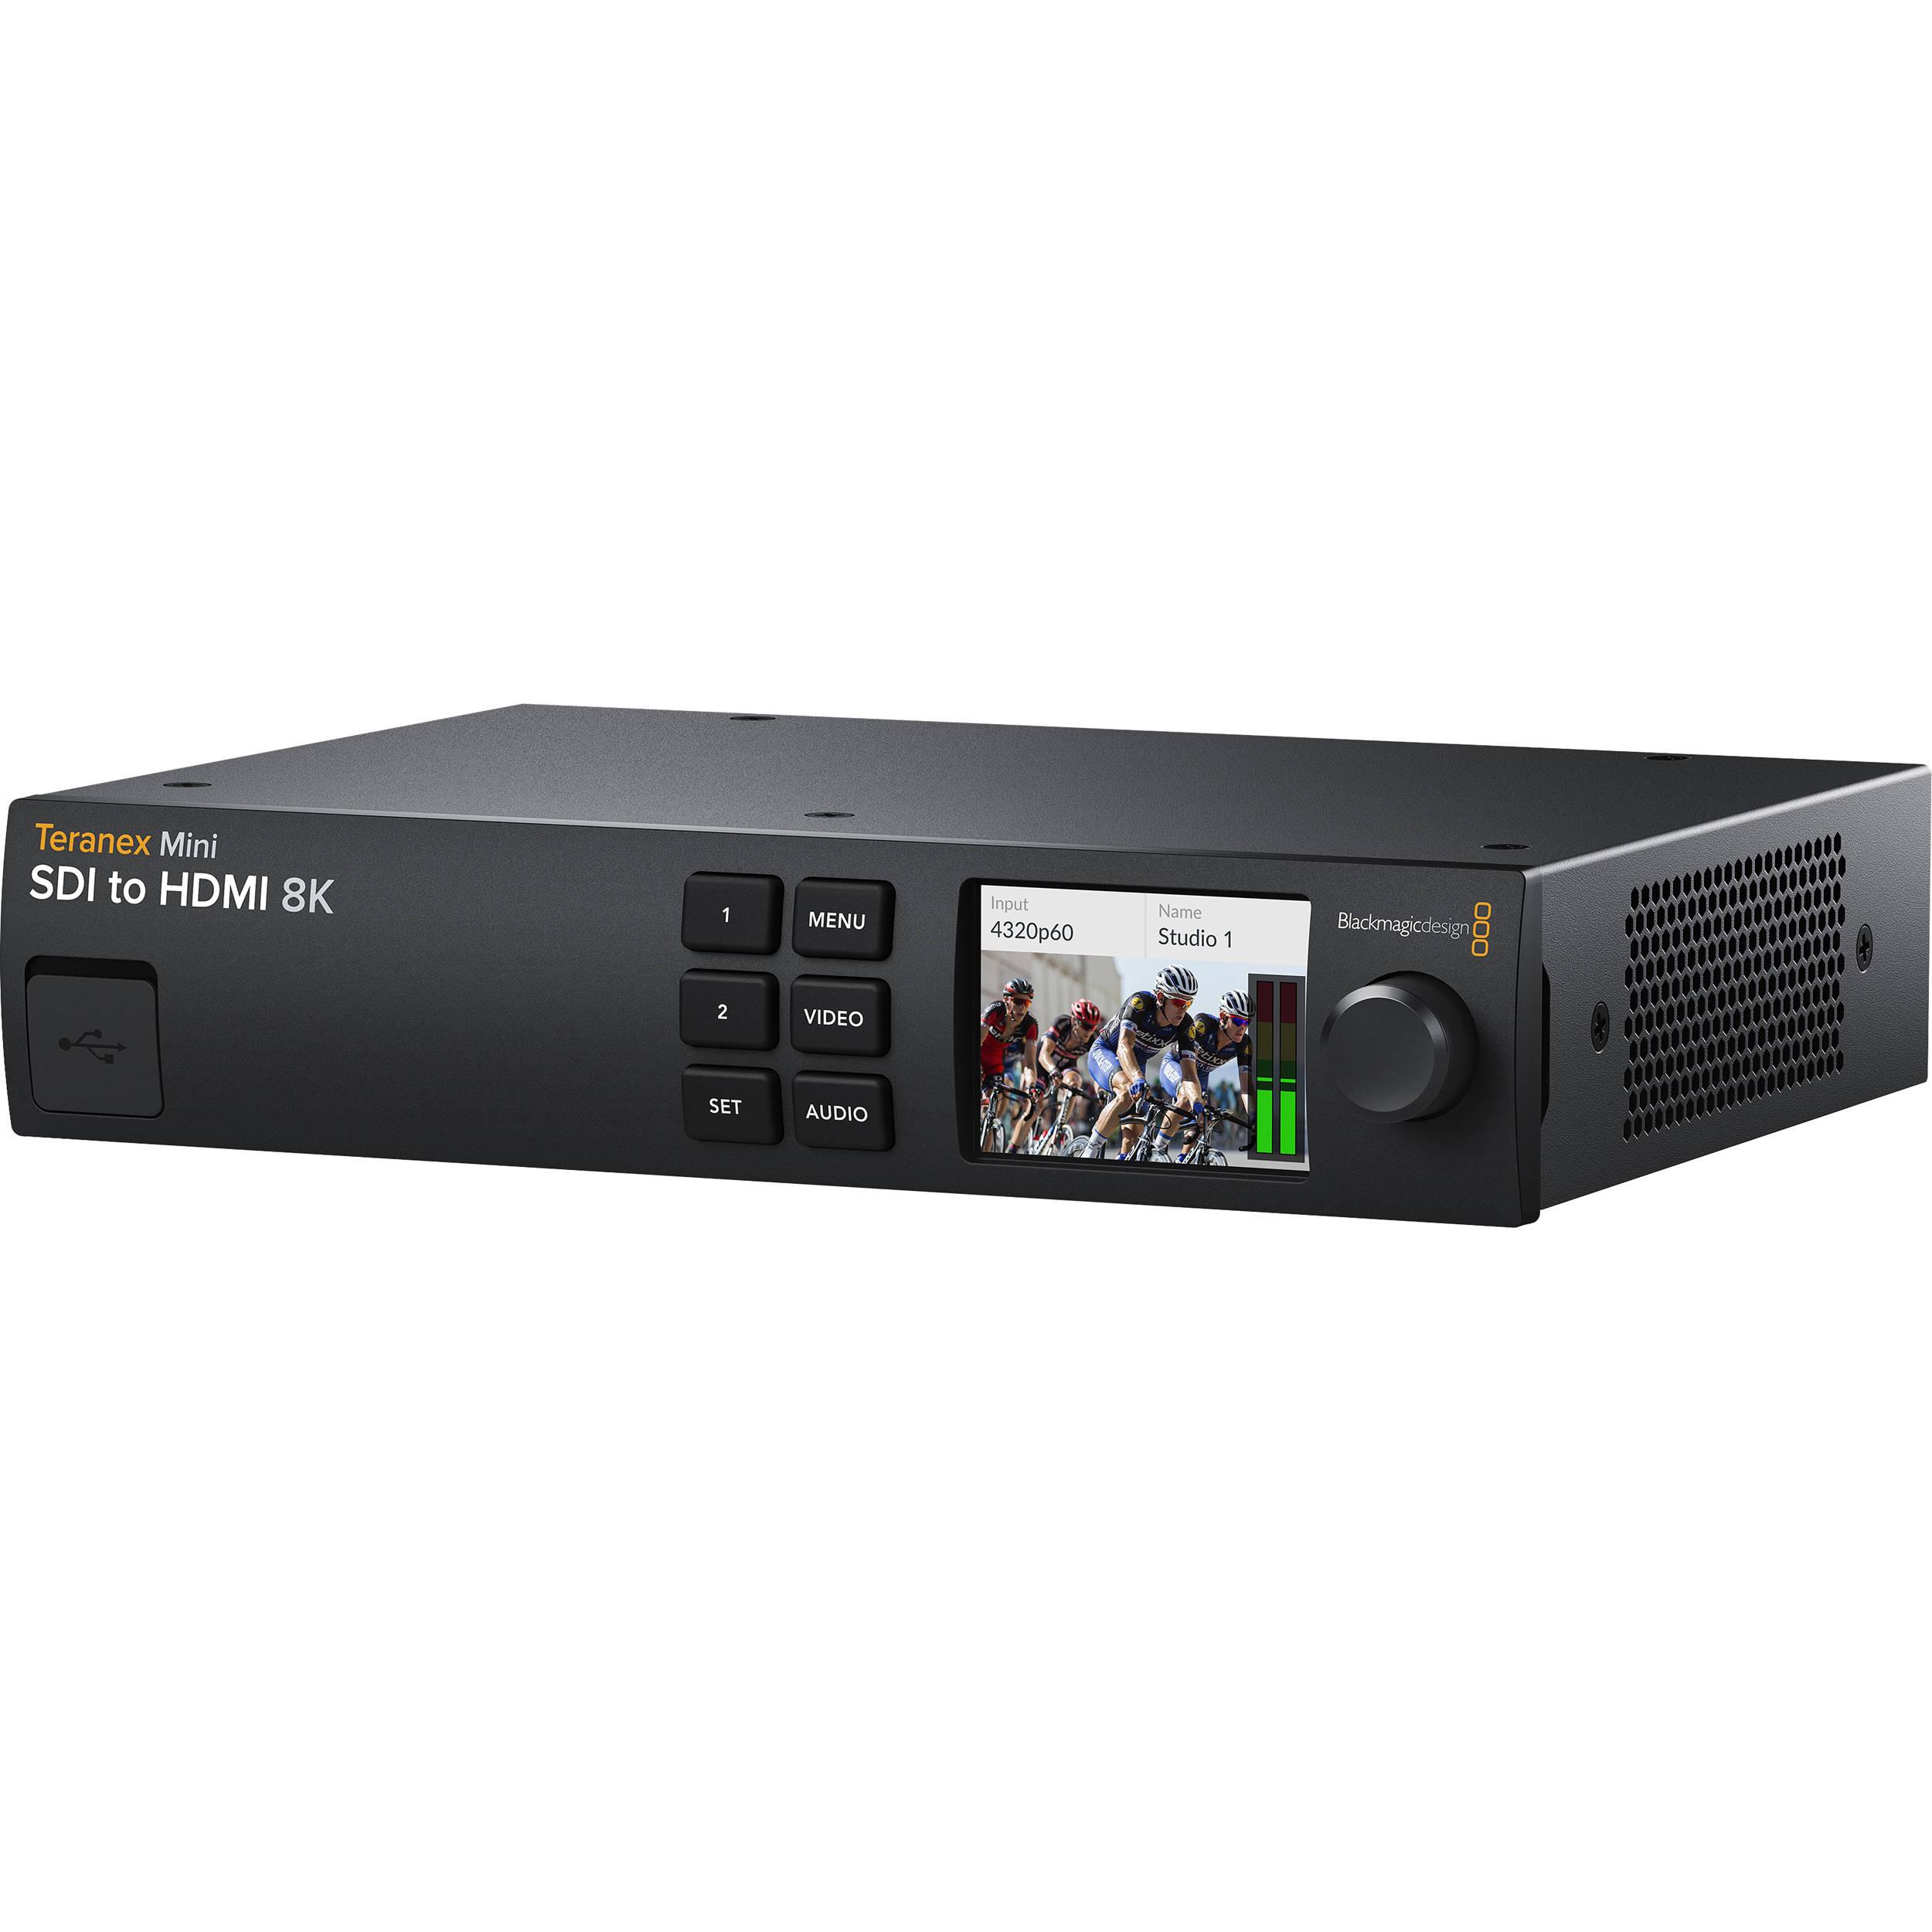 Blackmagic Design Teranex Mini SDI to HDMI 8K Converter and Monitoring  Solution